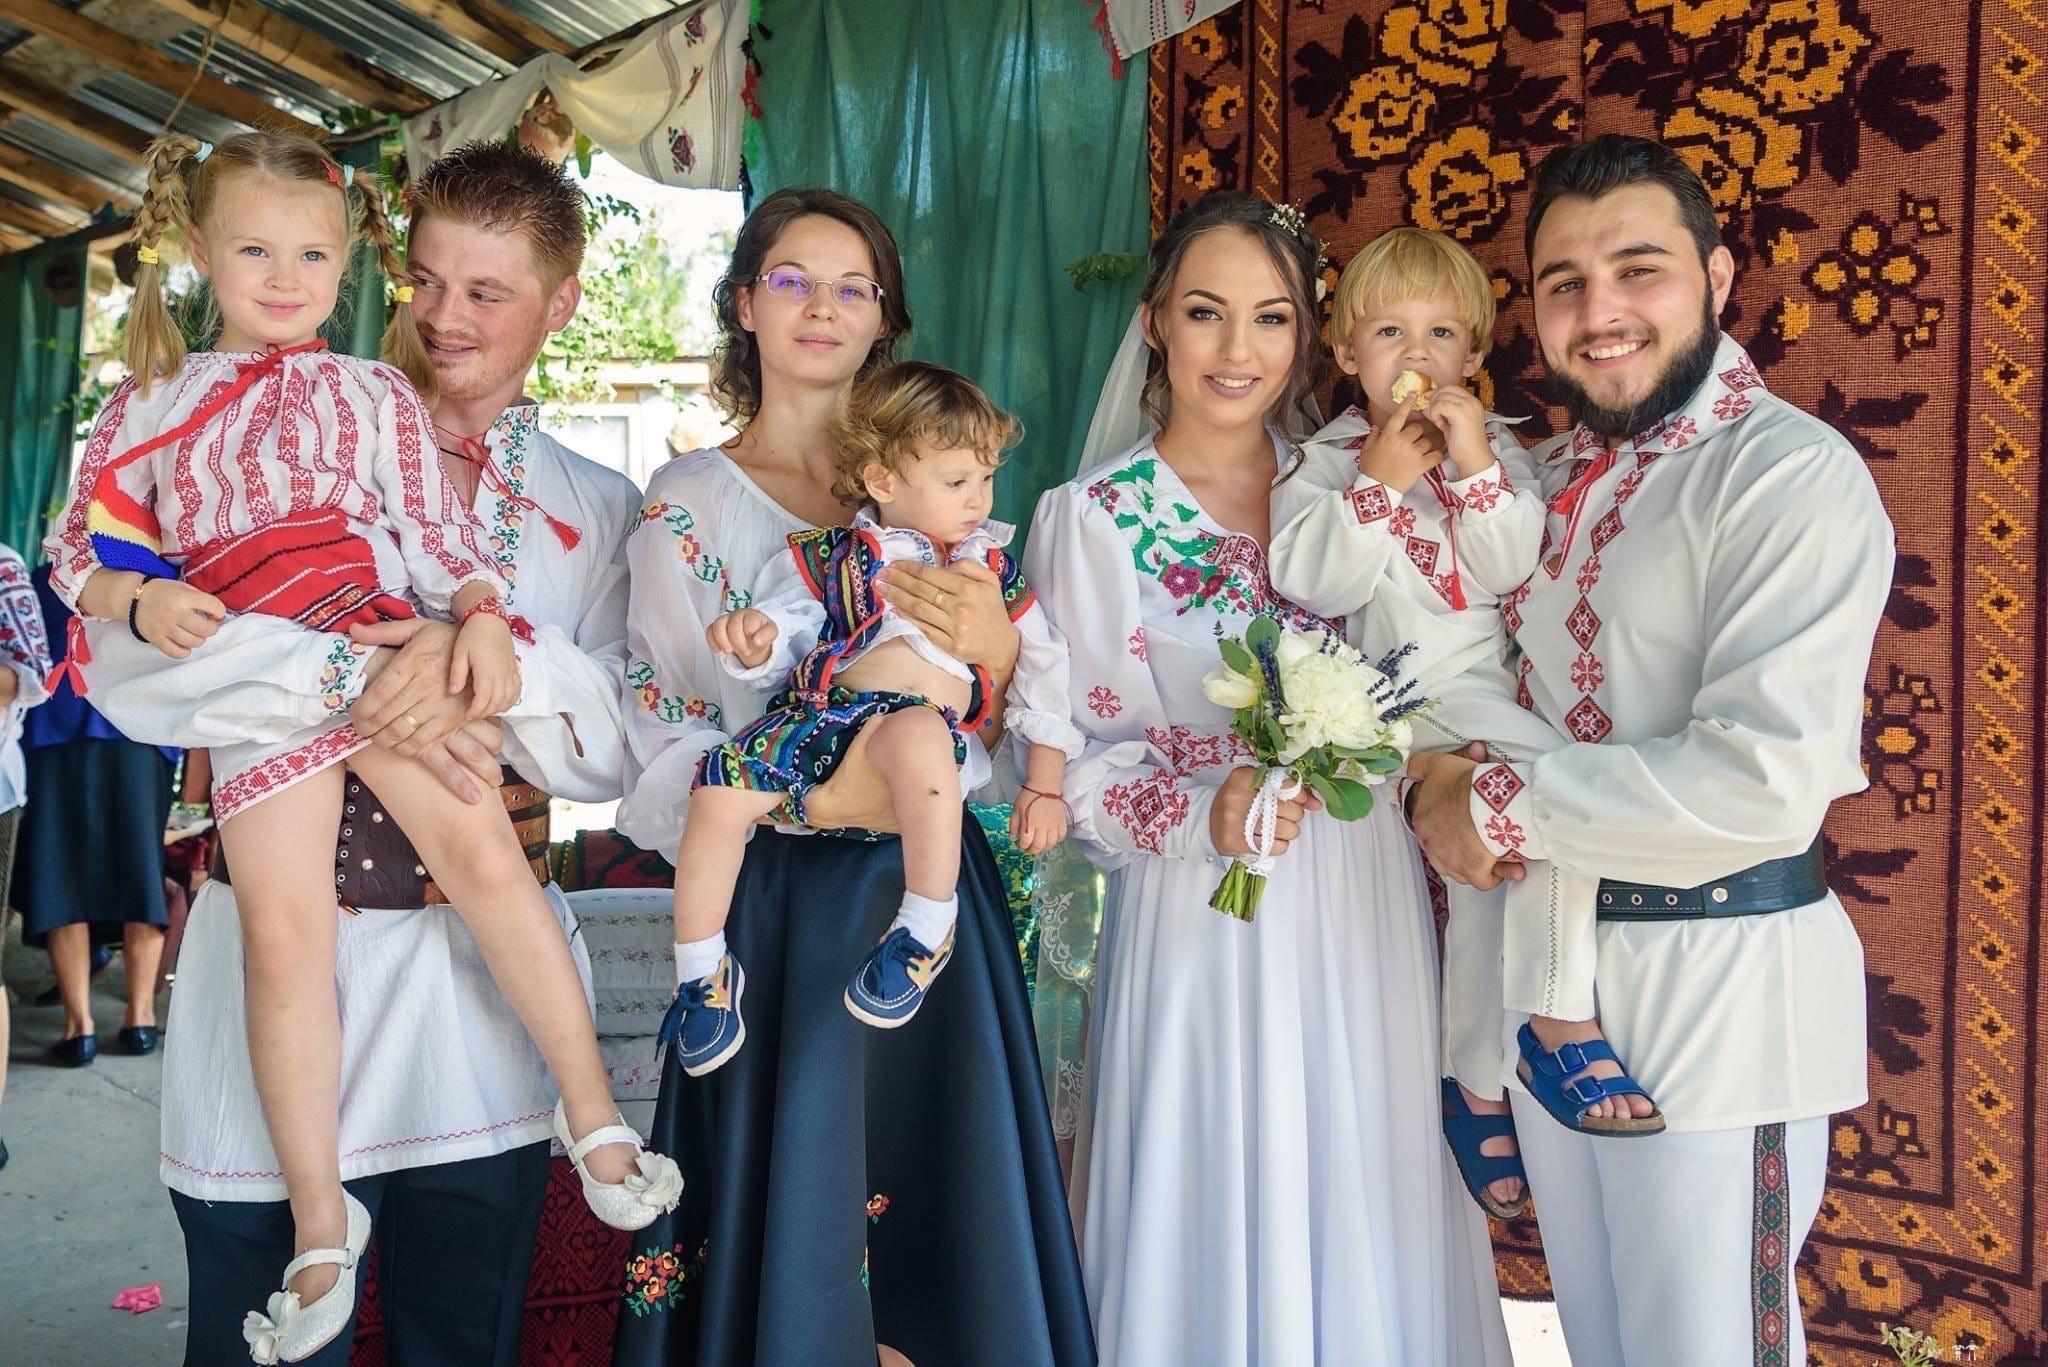 Povești Nunți Tradiționale - Daniela și Cristian, nuntă tradițională în Slobozia, Giurgiu 29